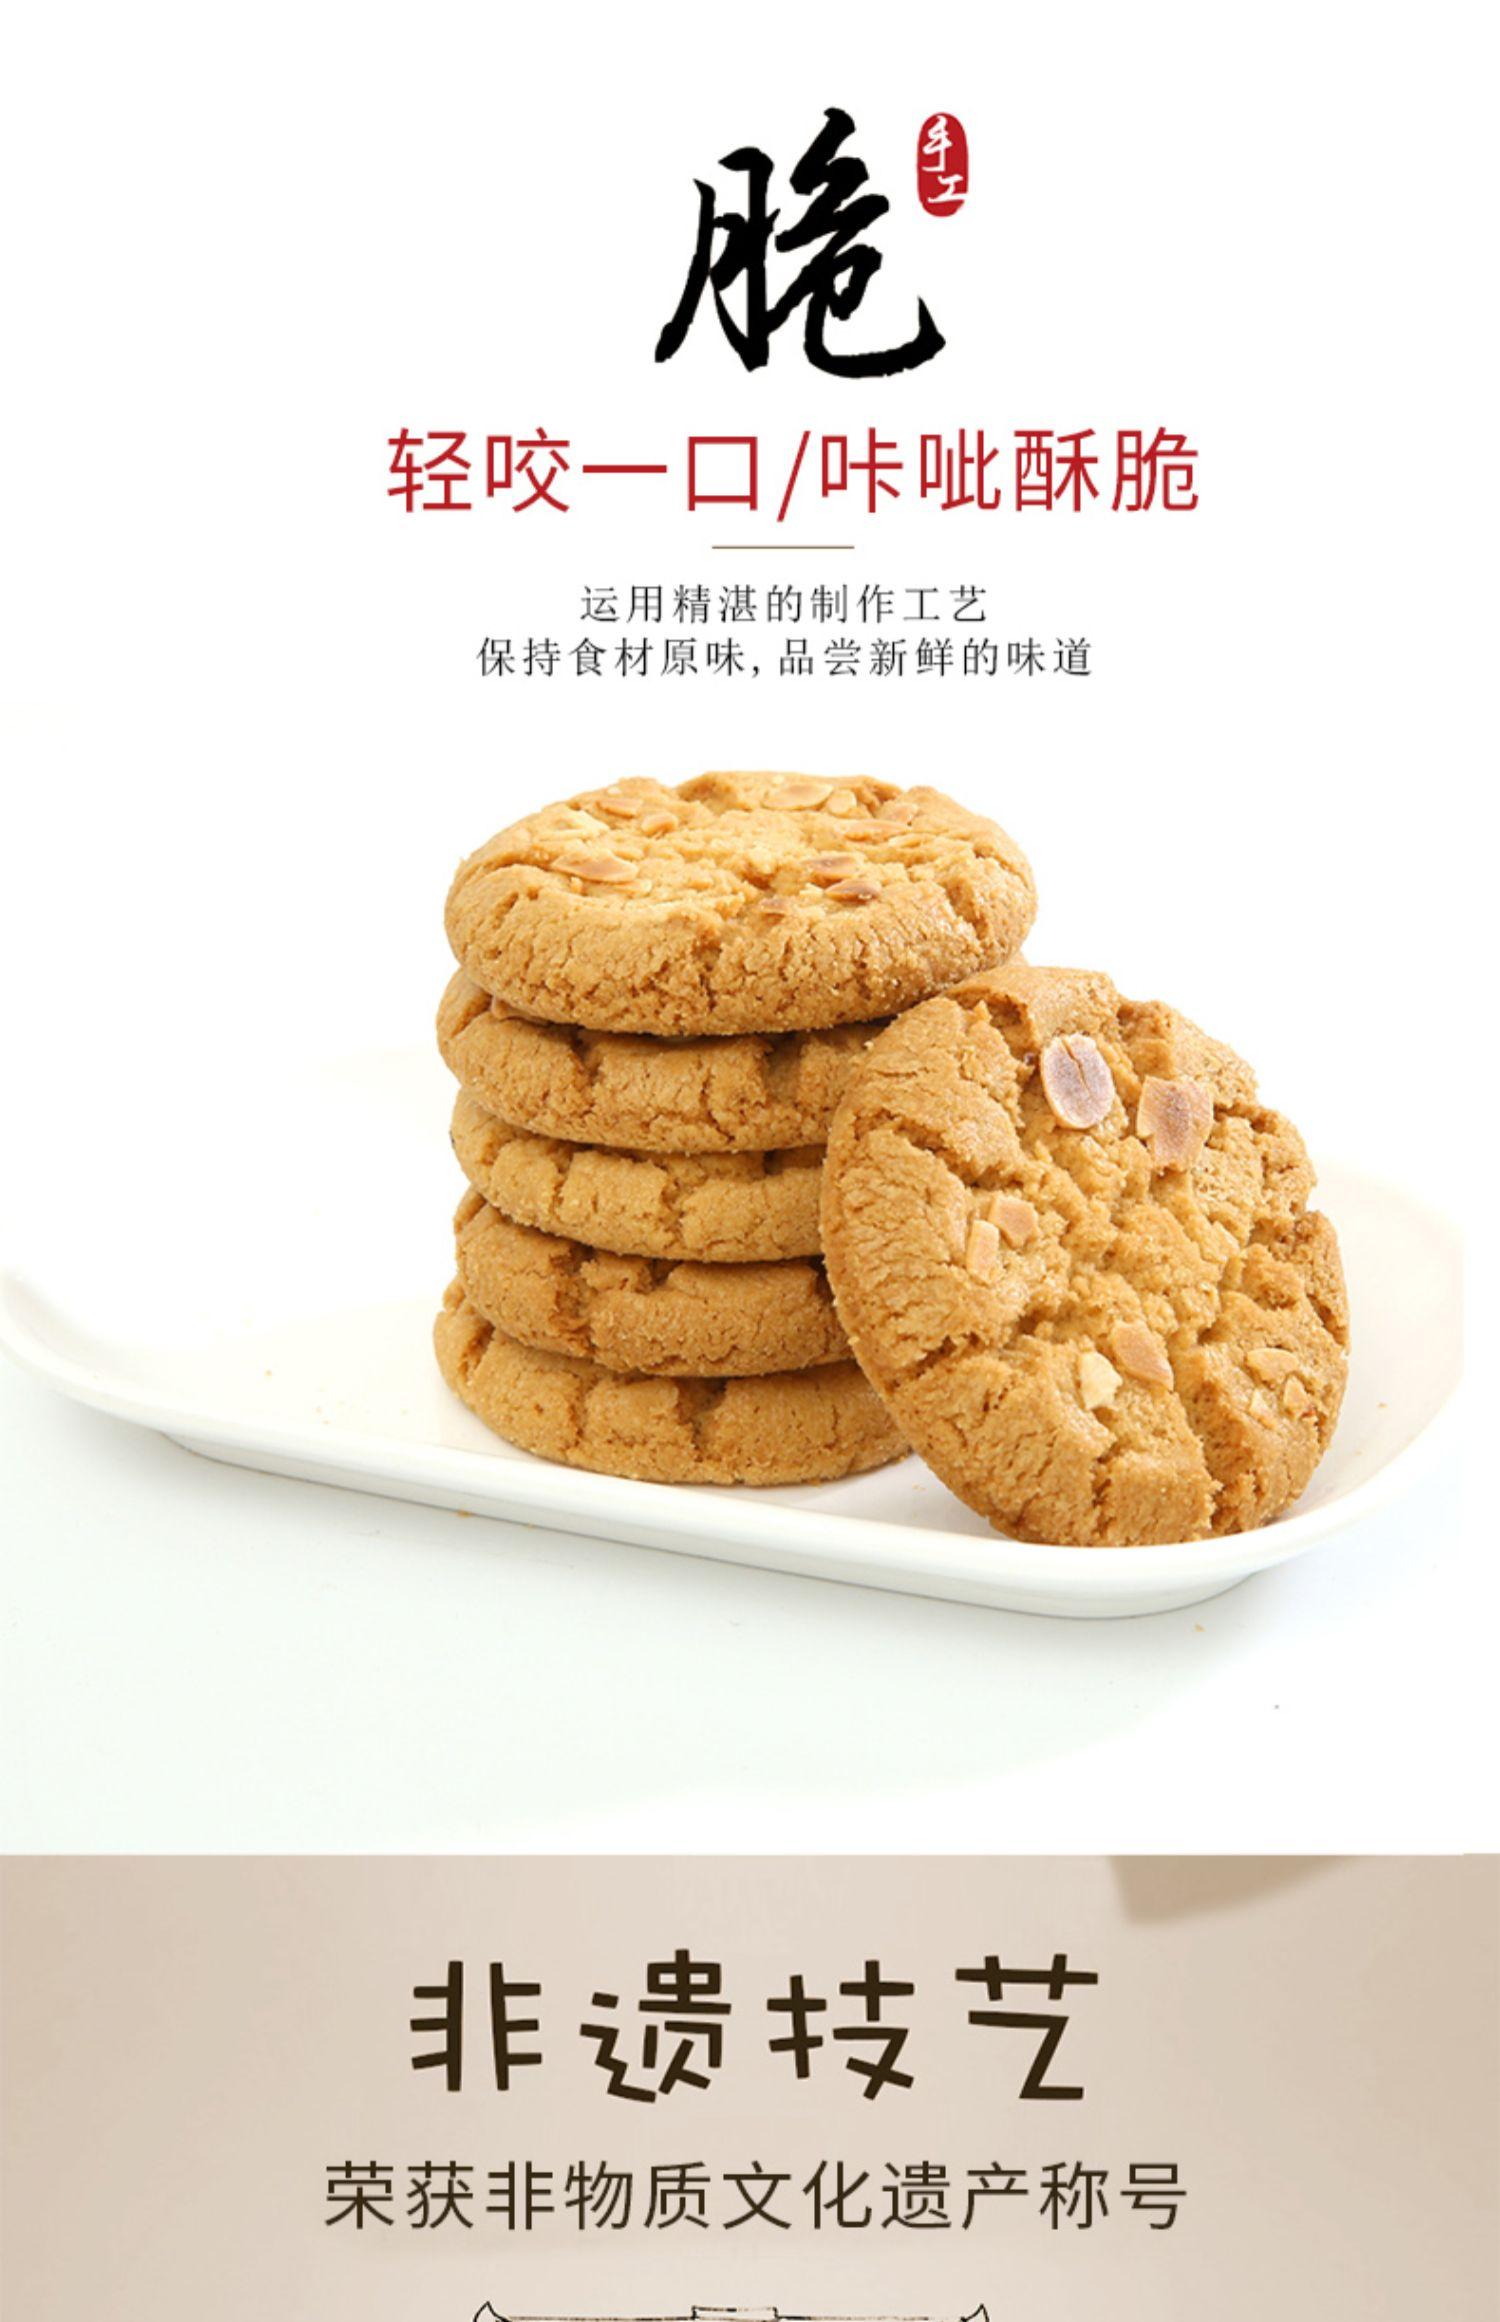 矿大妈桃酥饼芝麻味饼干